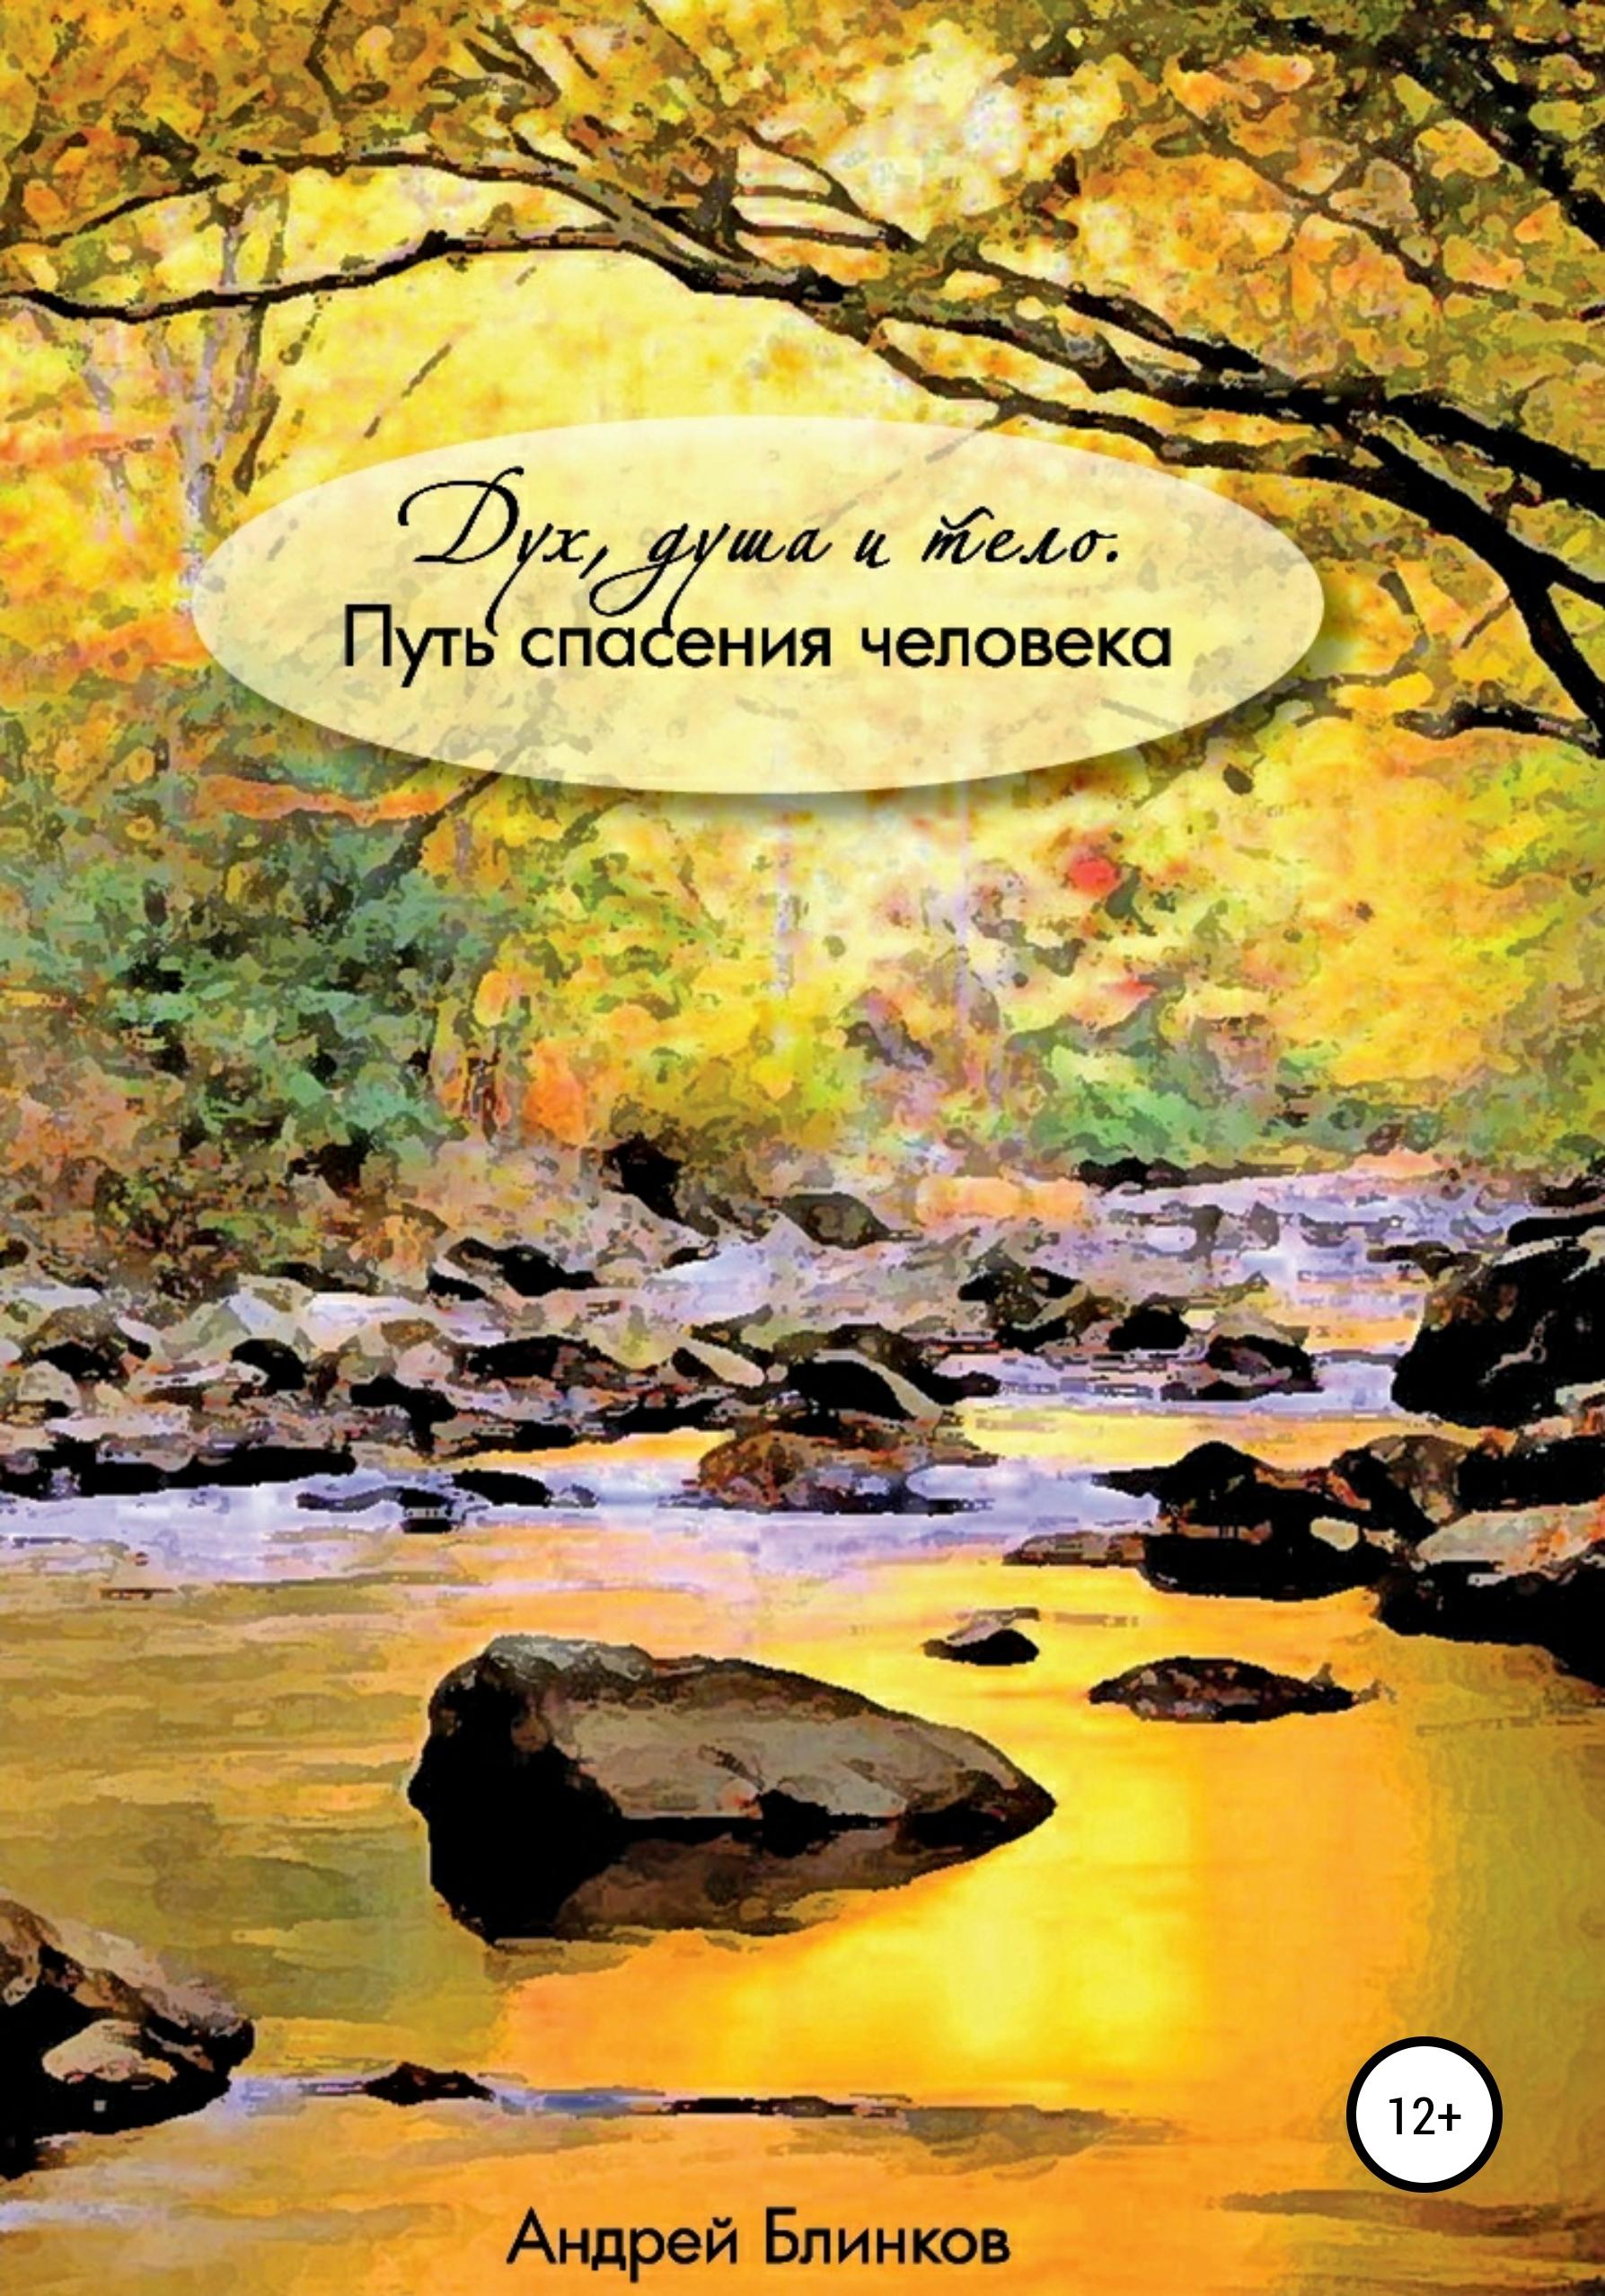 Купить книгу Дух, душа и тело. Путь спасения человека, автора Андрея Евгеньевича Блинкова